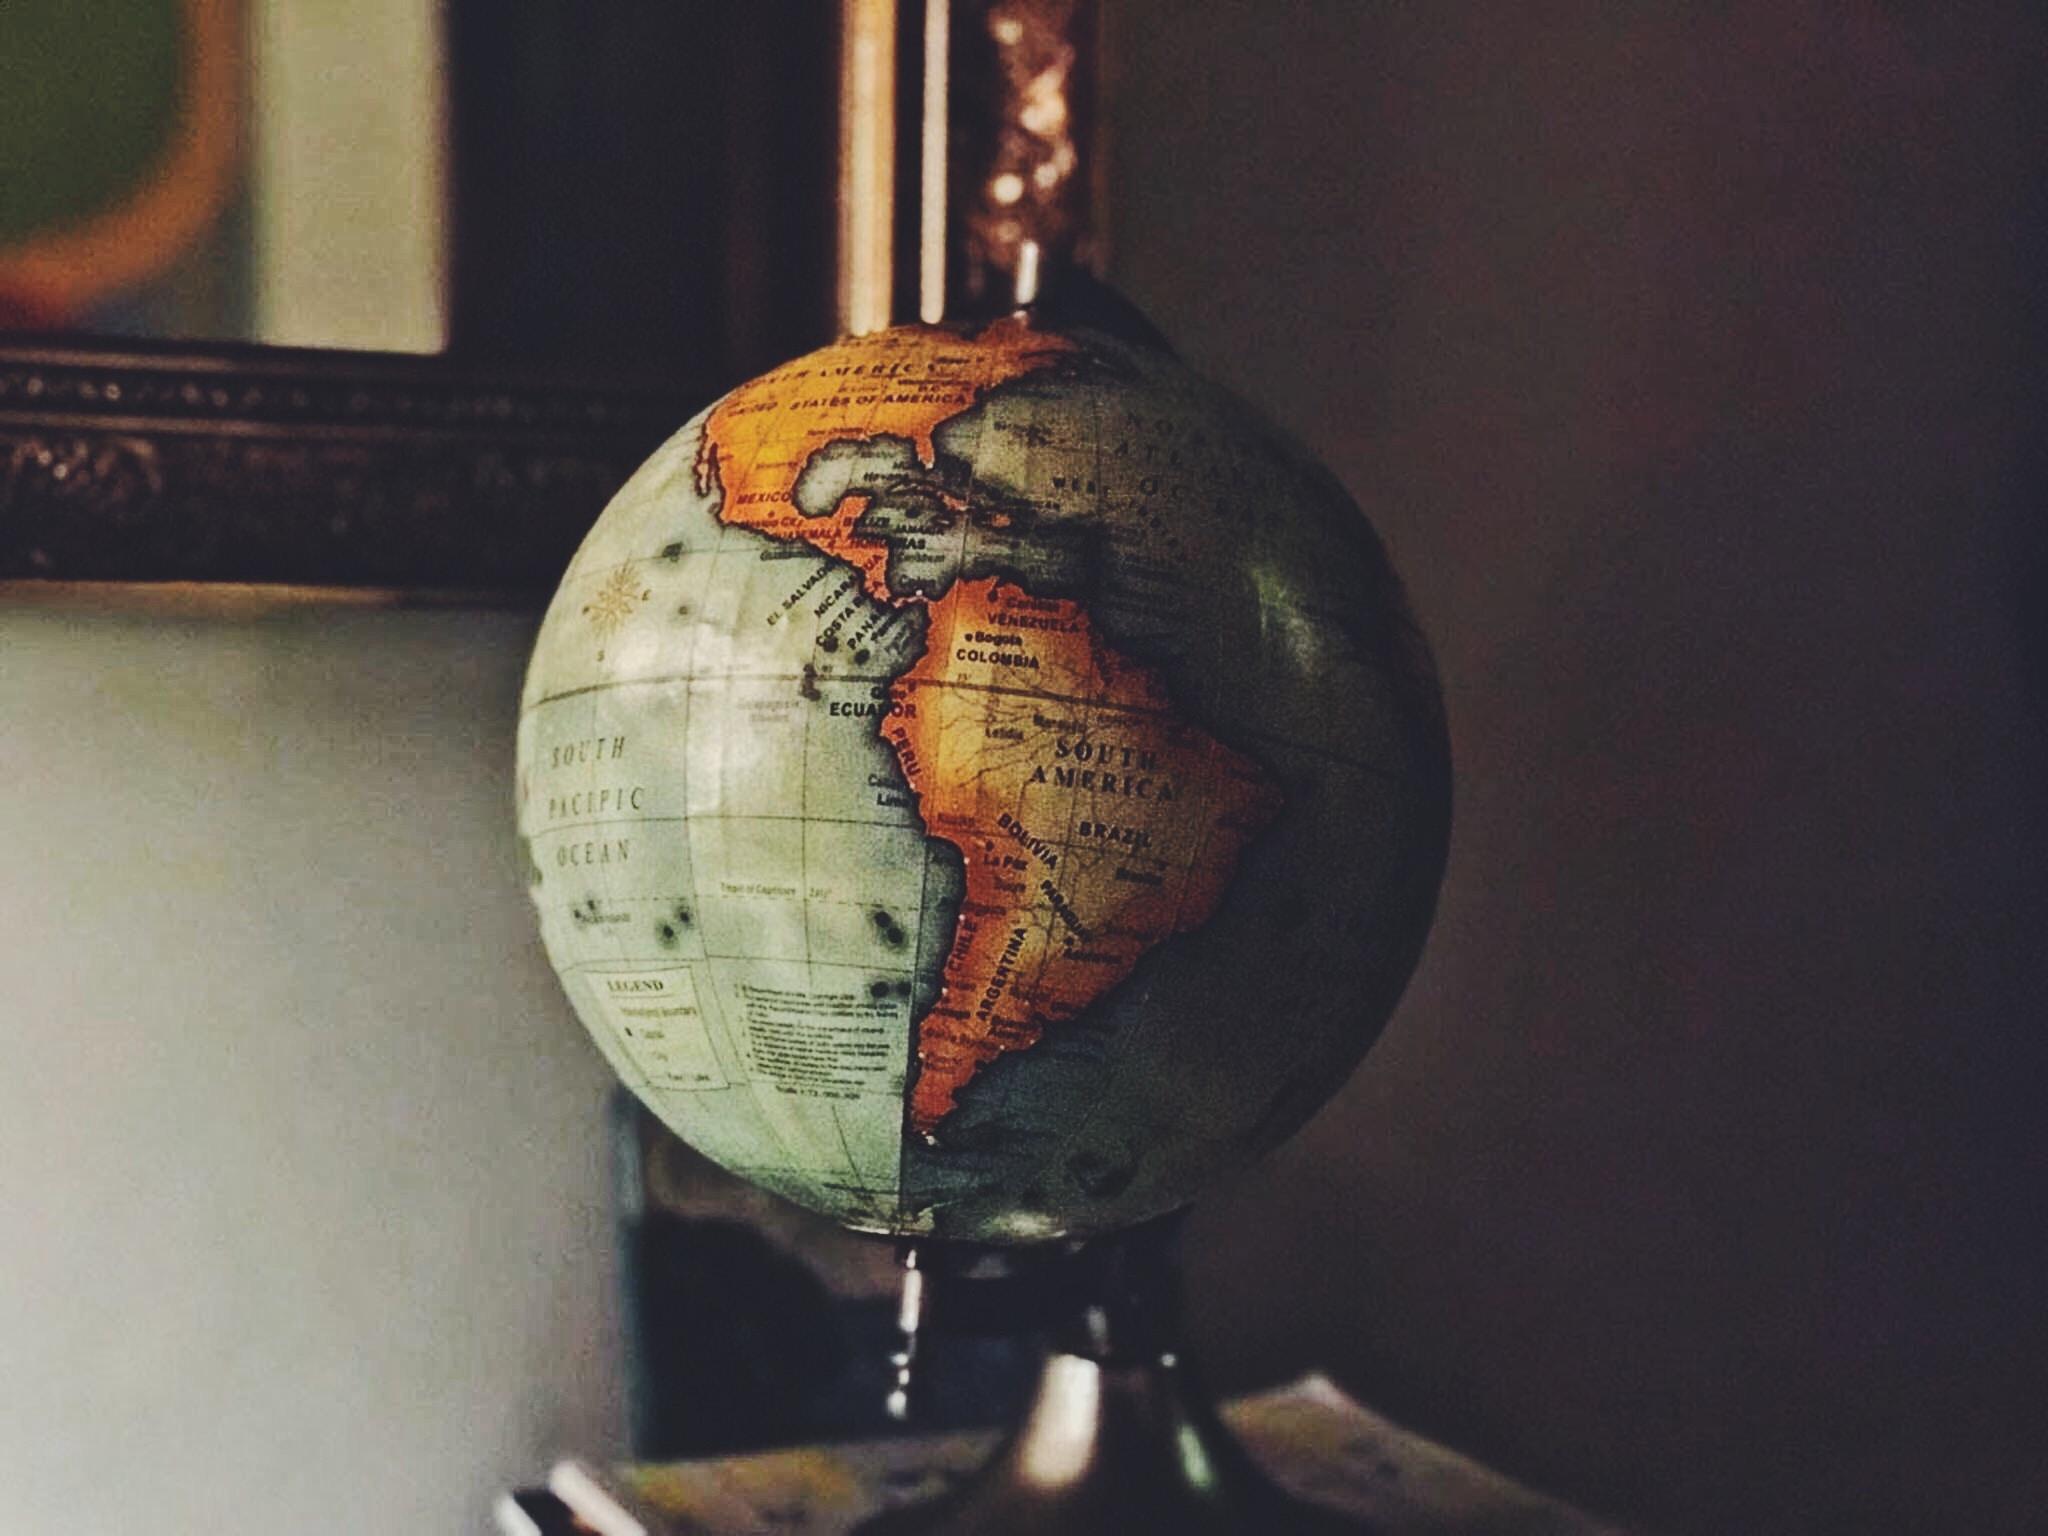 Dear World stories